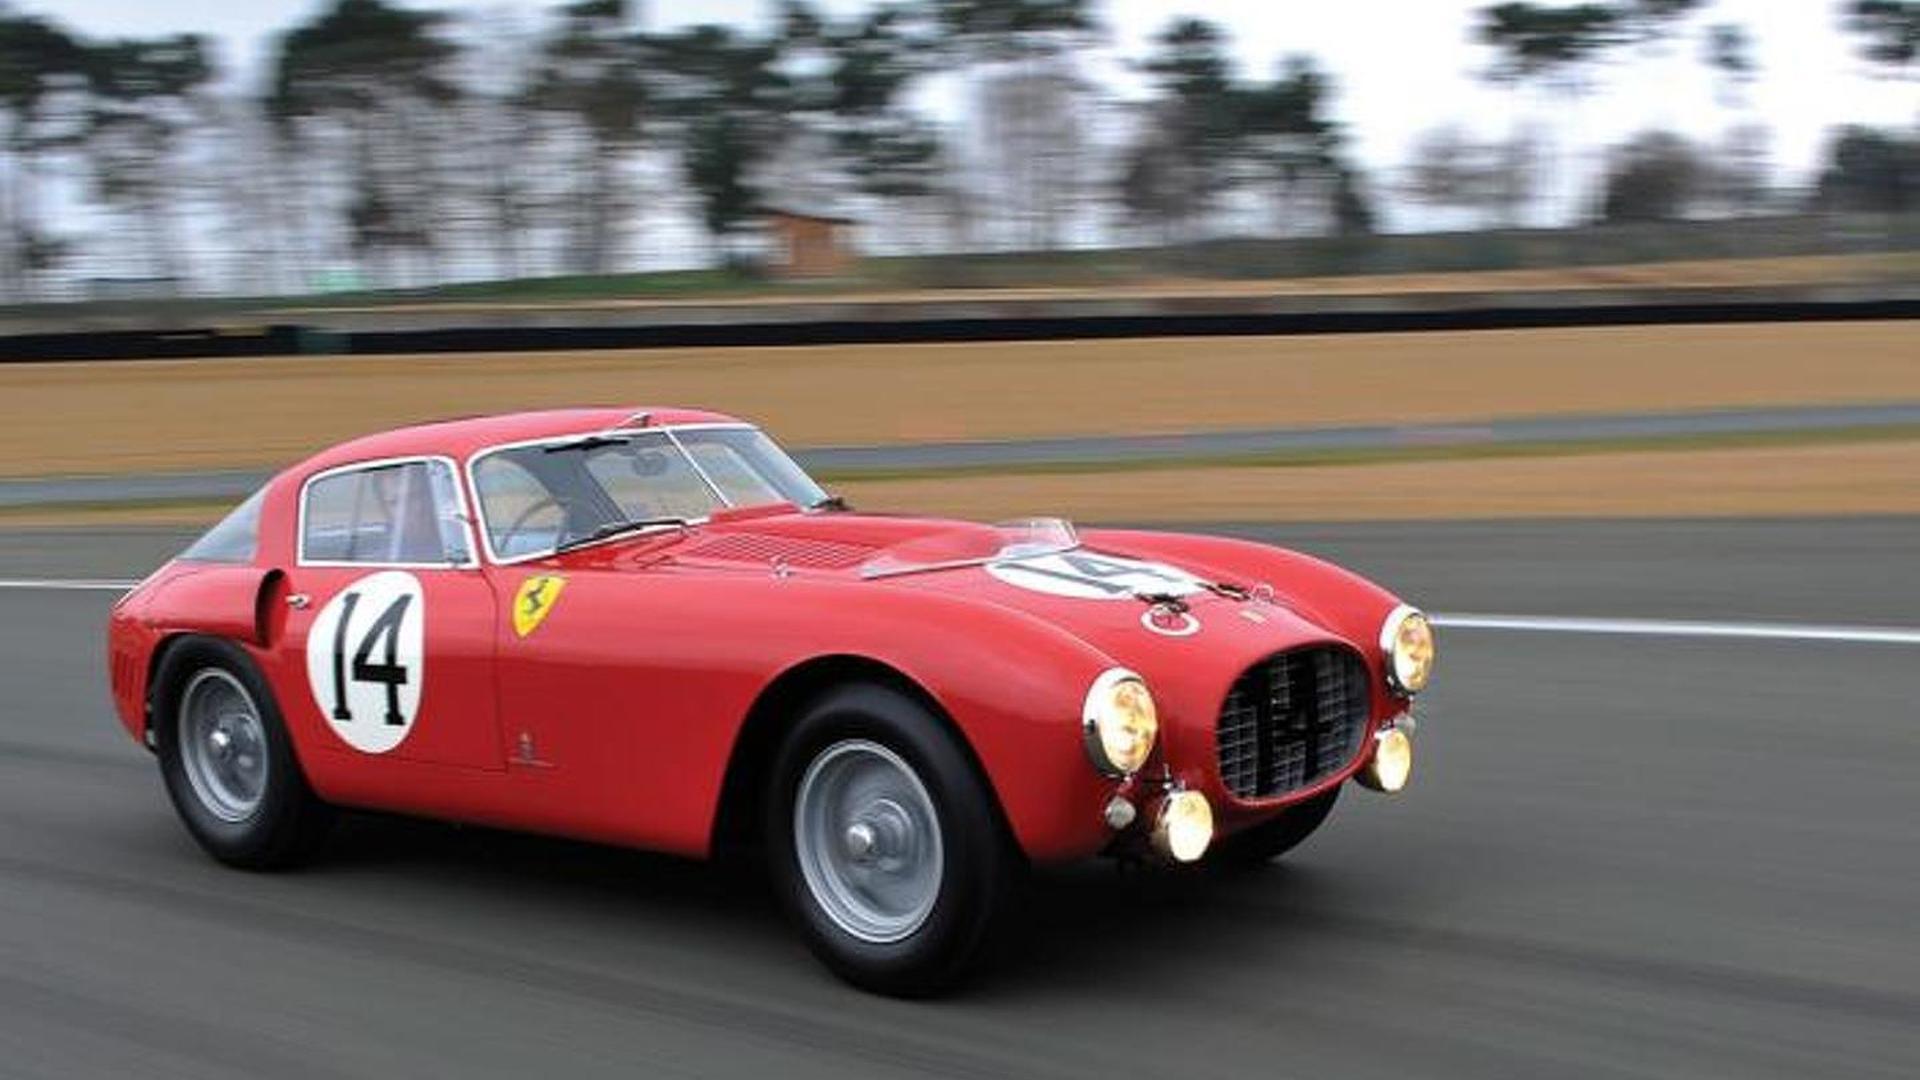 1953 Ferrari 340/375 MM Berlinetta Competizione sold for almost 10M EUR [video]